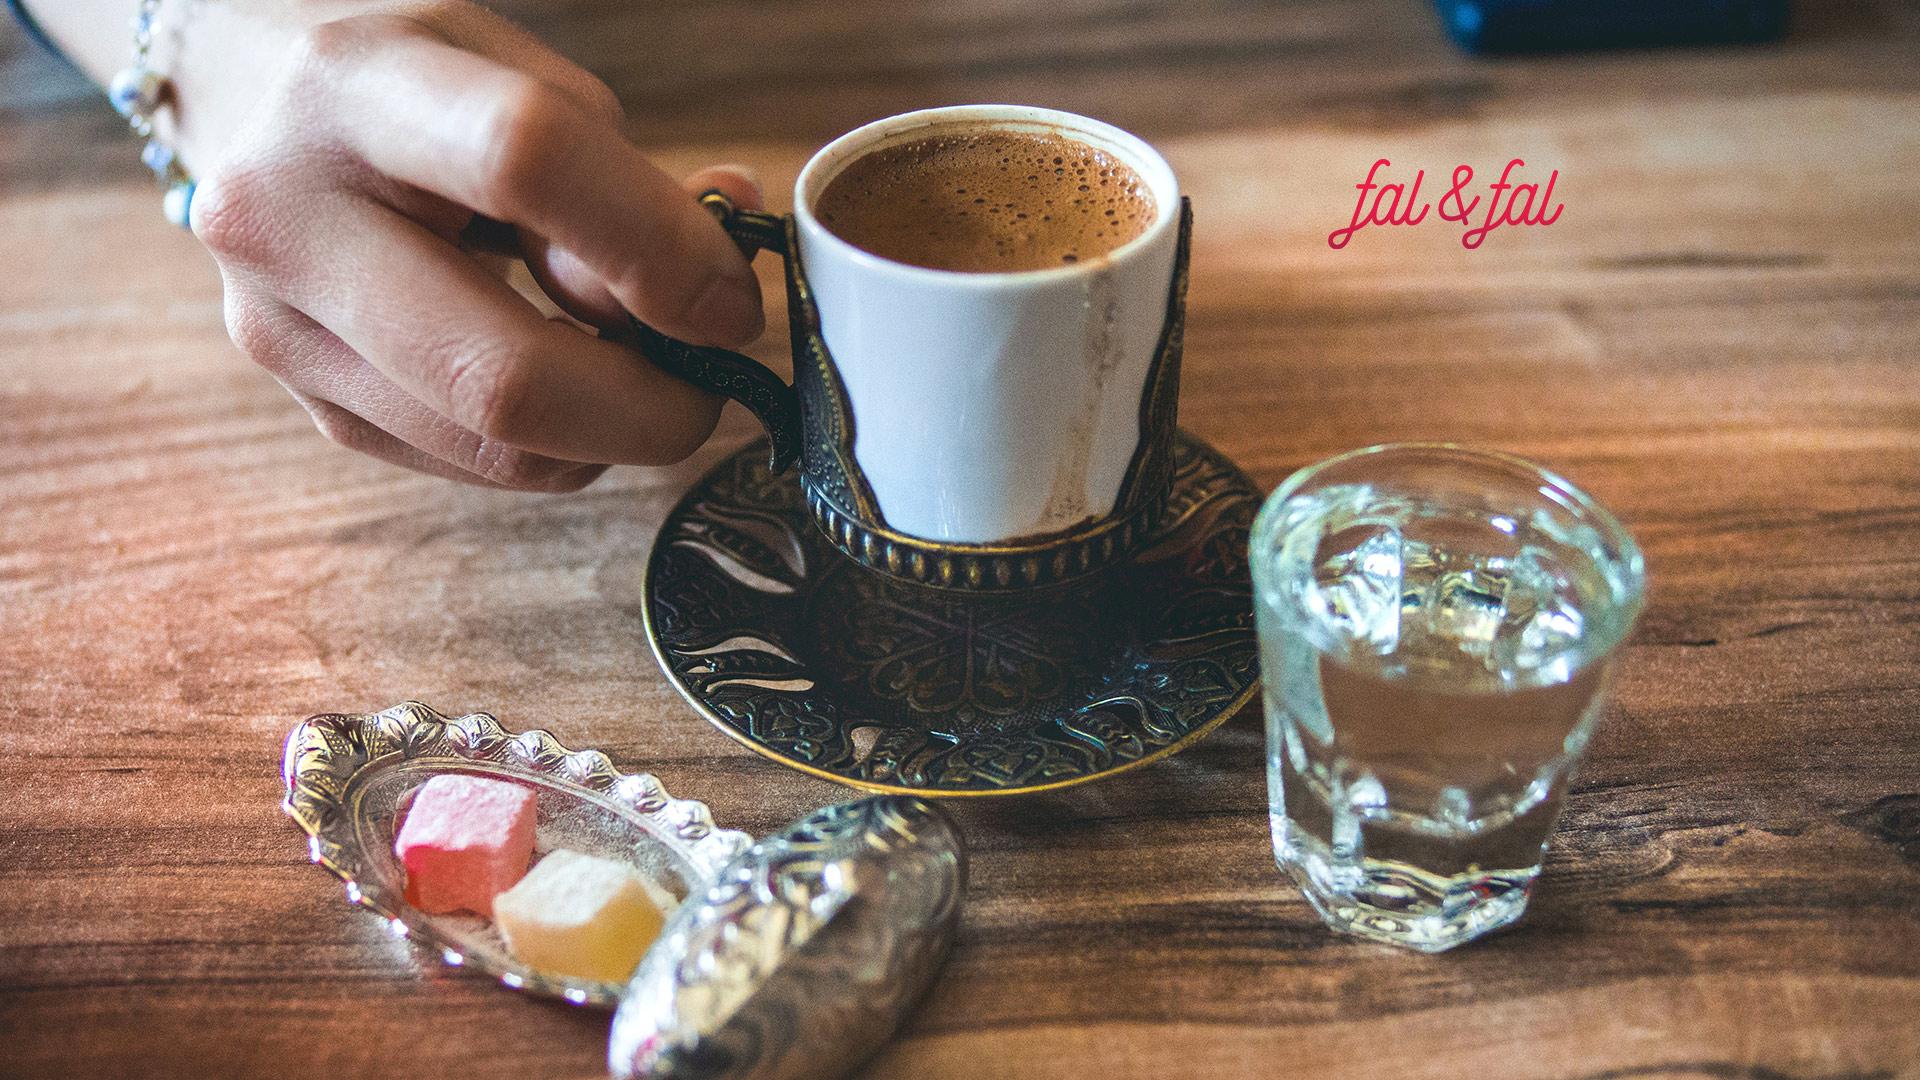 kahve-fali-ve-semboller